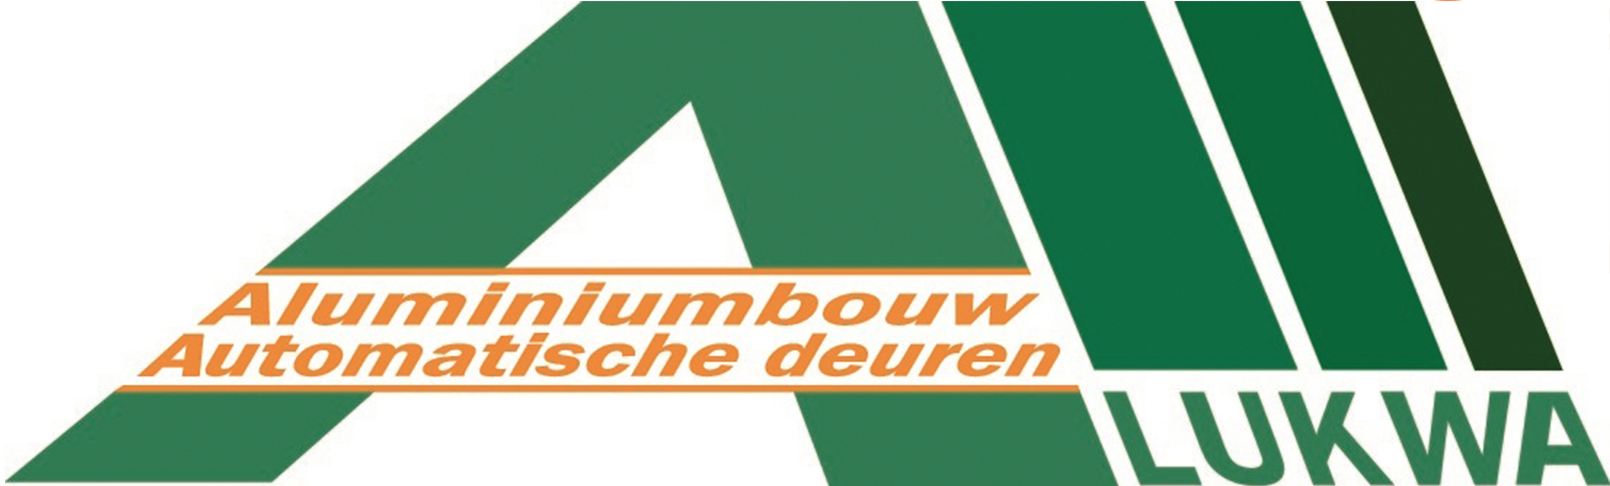 Alukwa logo Metalfinish Group